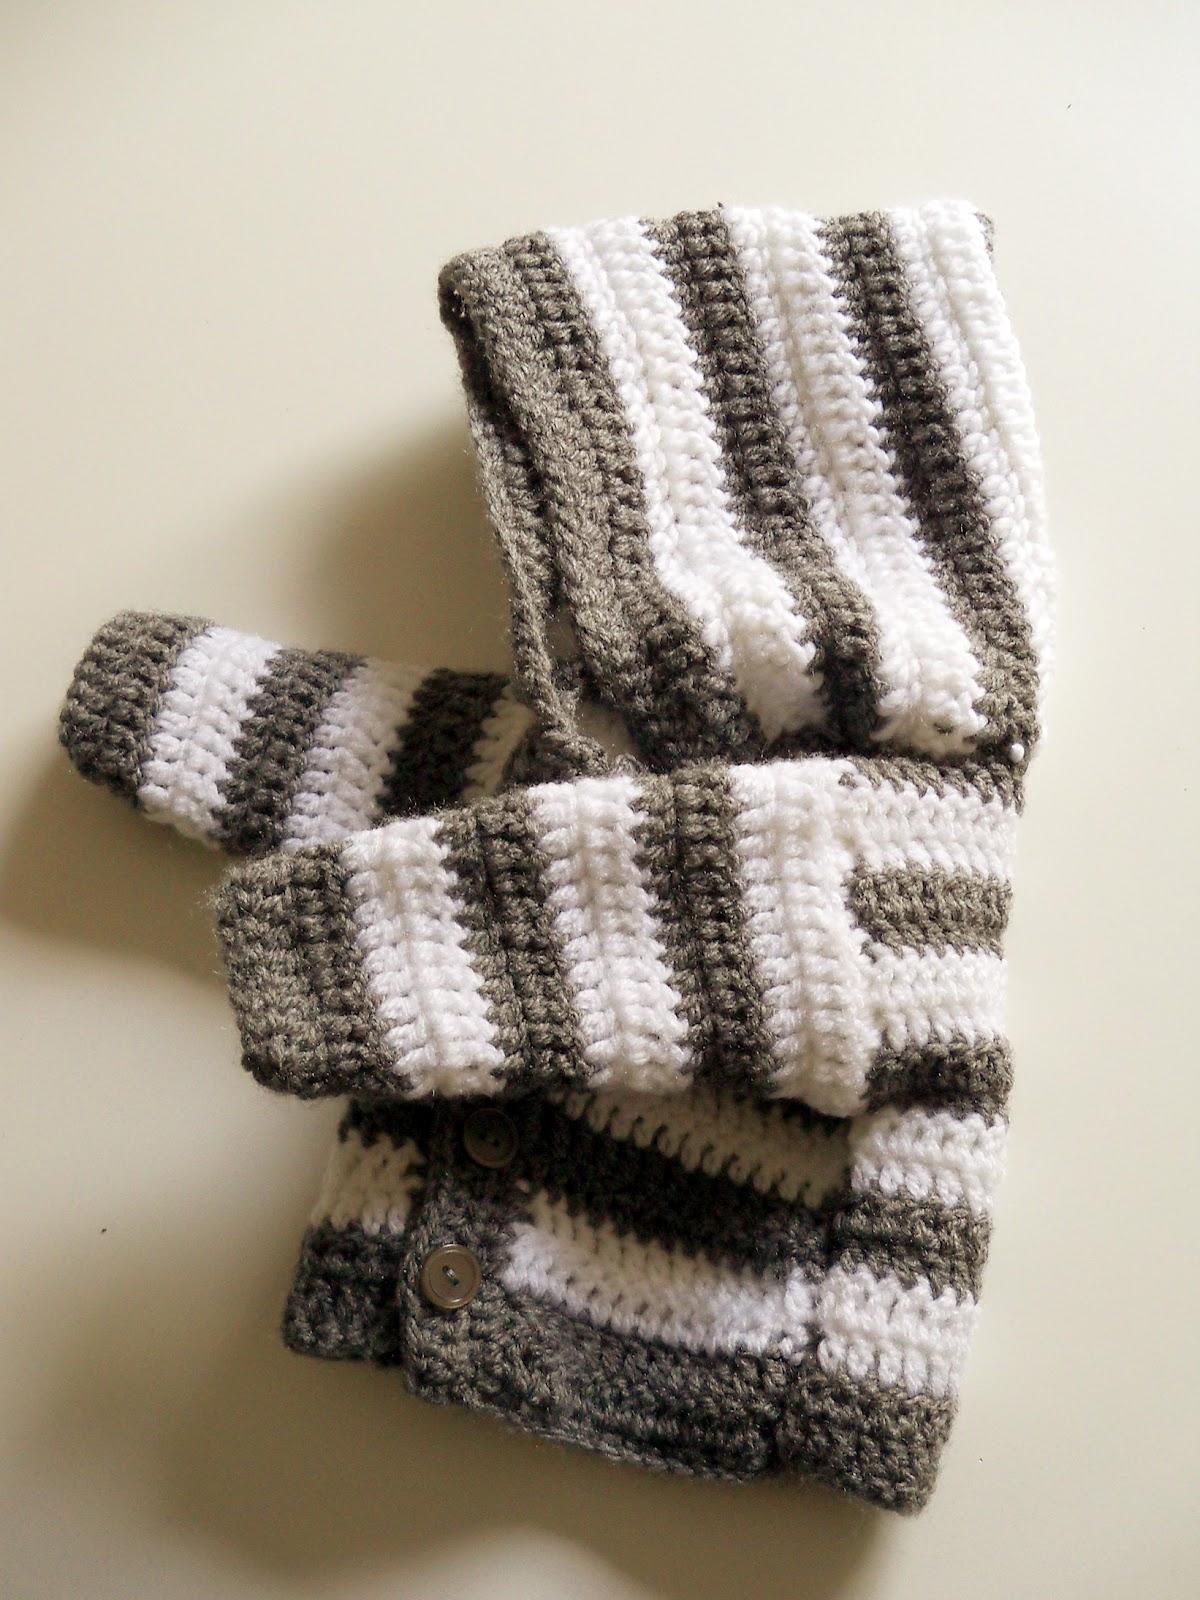 Crochet Baby Jacket Tutorial : Diese Jacke ist f?r ein Neugeborenes gedacht, weitere ...